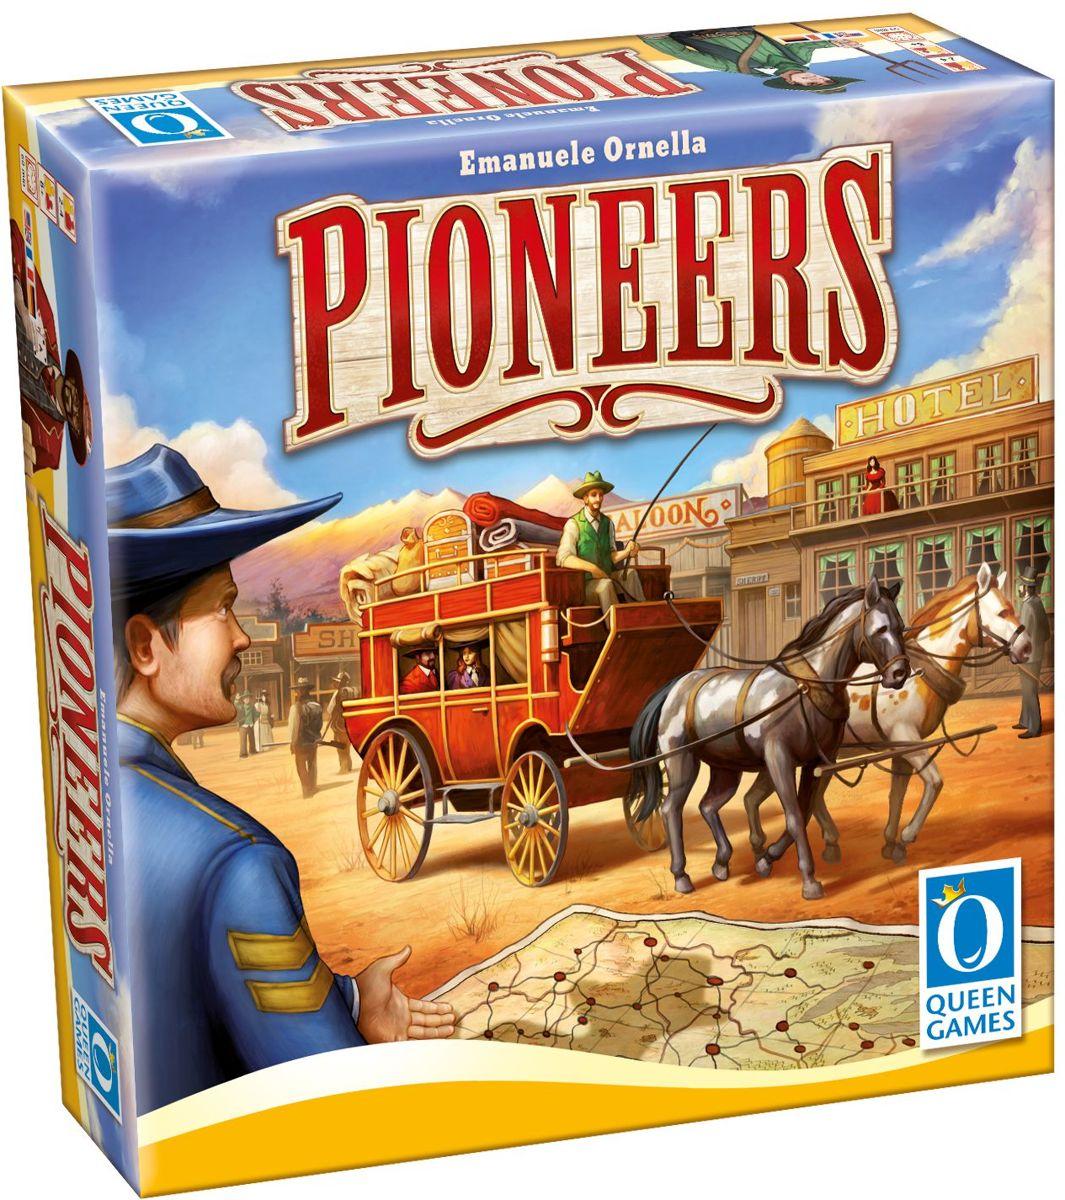 Pioneers, Queen Games